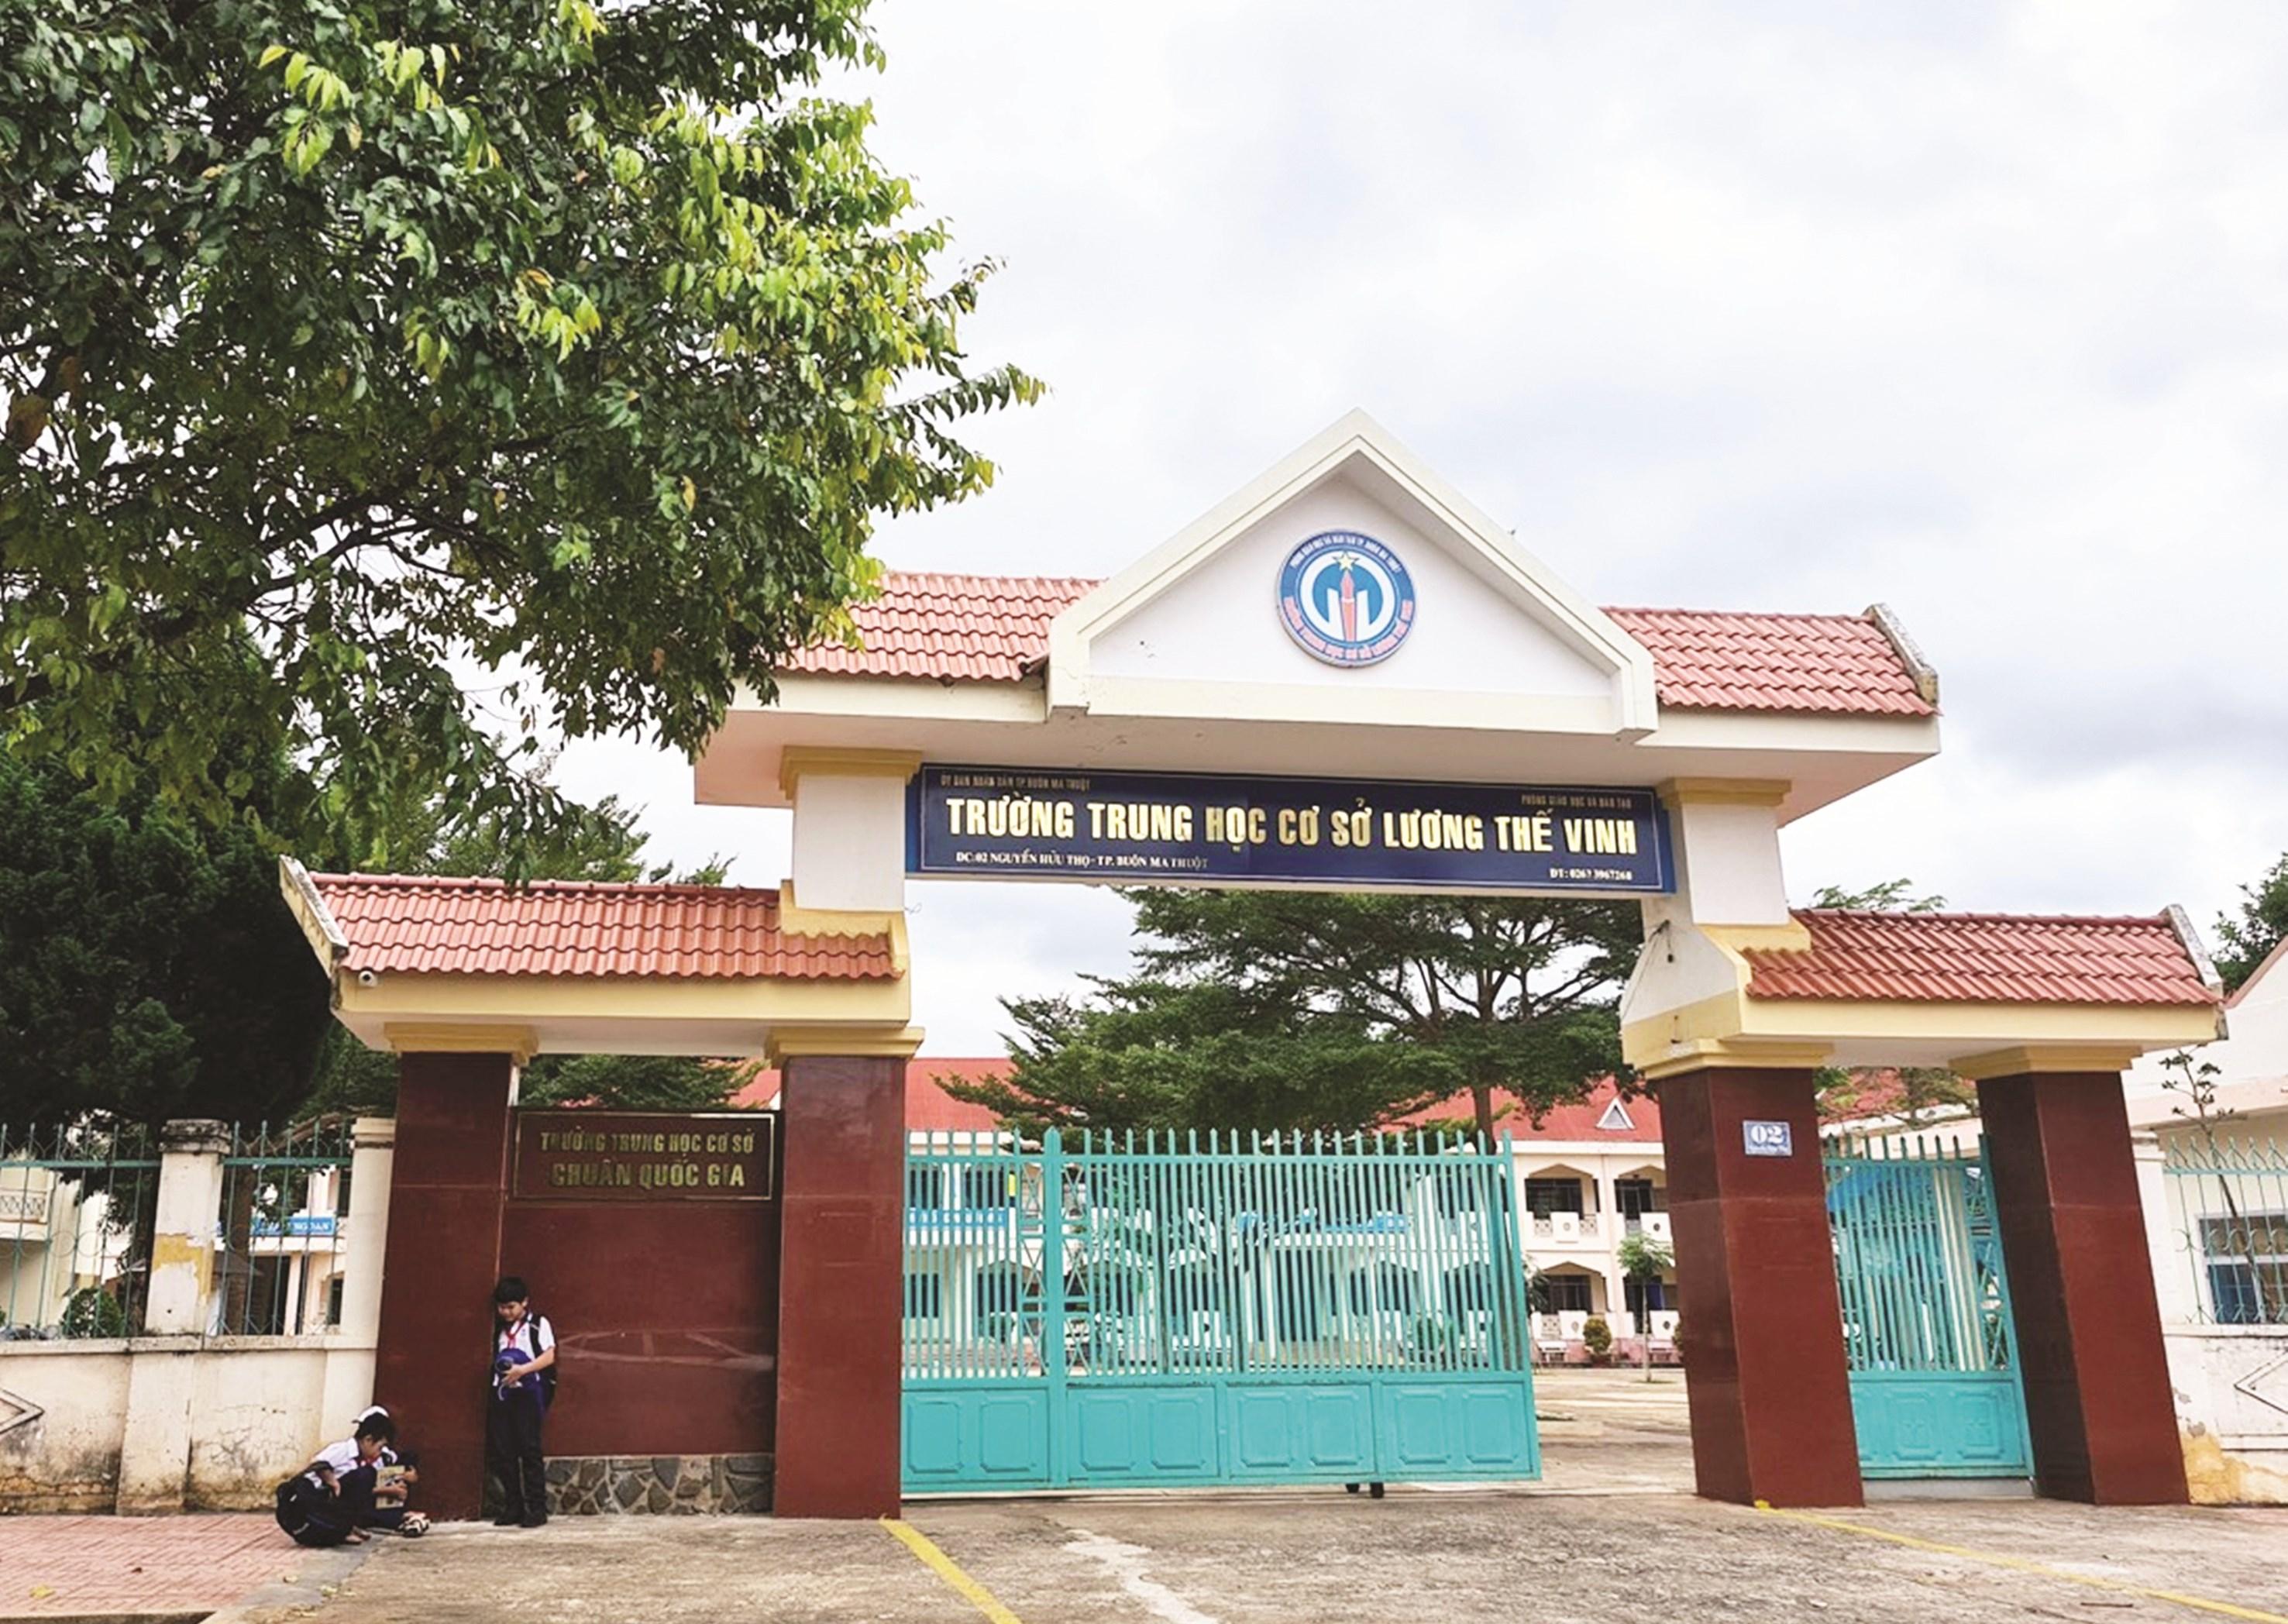 Trường THCS Lương Thế Vinh bị phụ huynh phản ánh có nhiều khoản thu không hợp lý